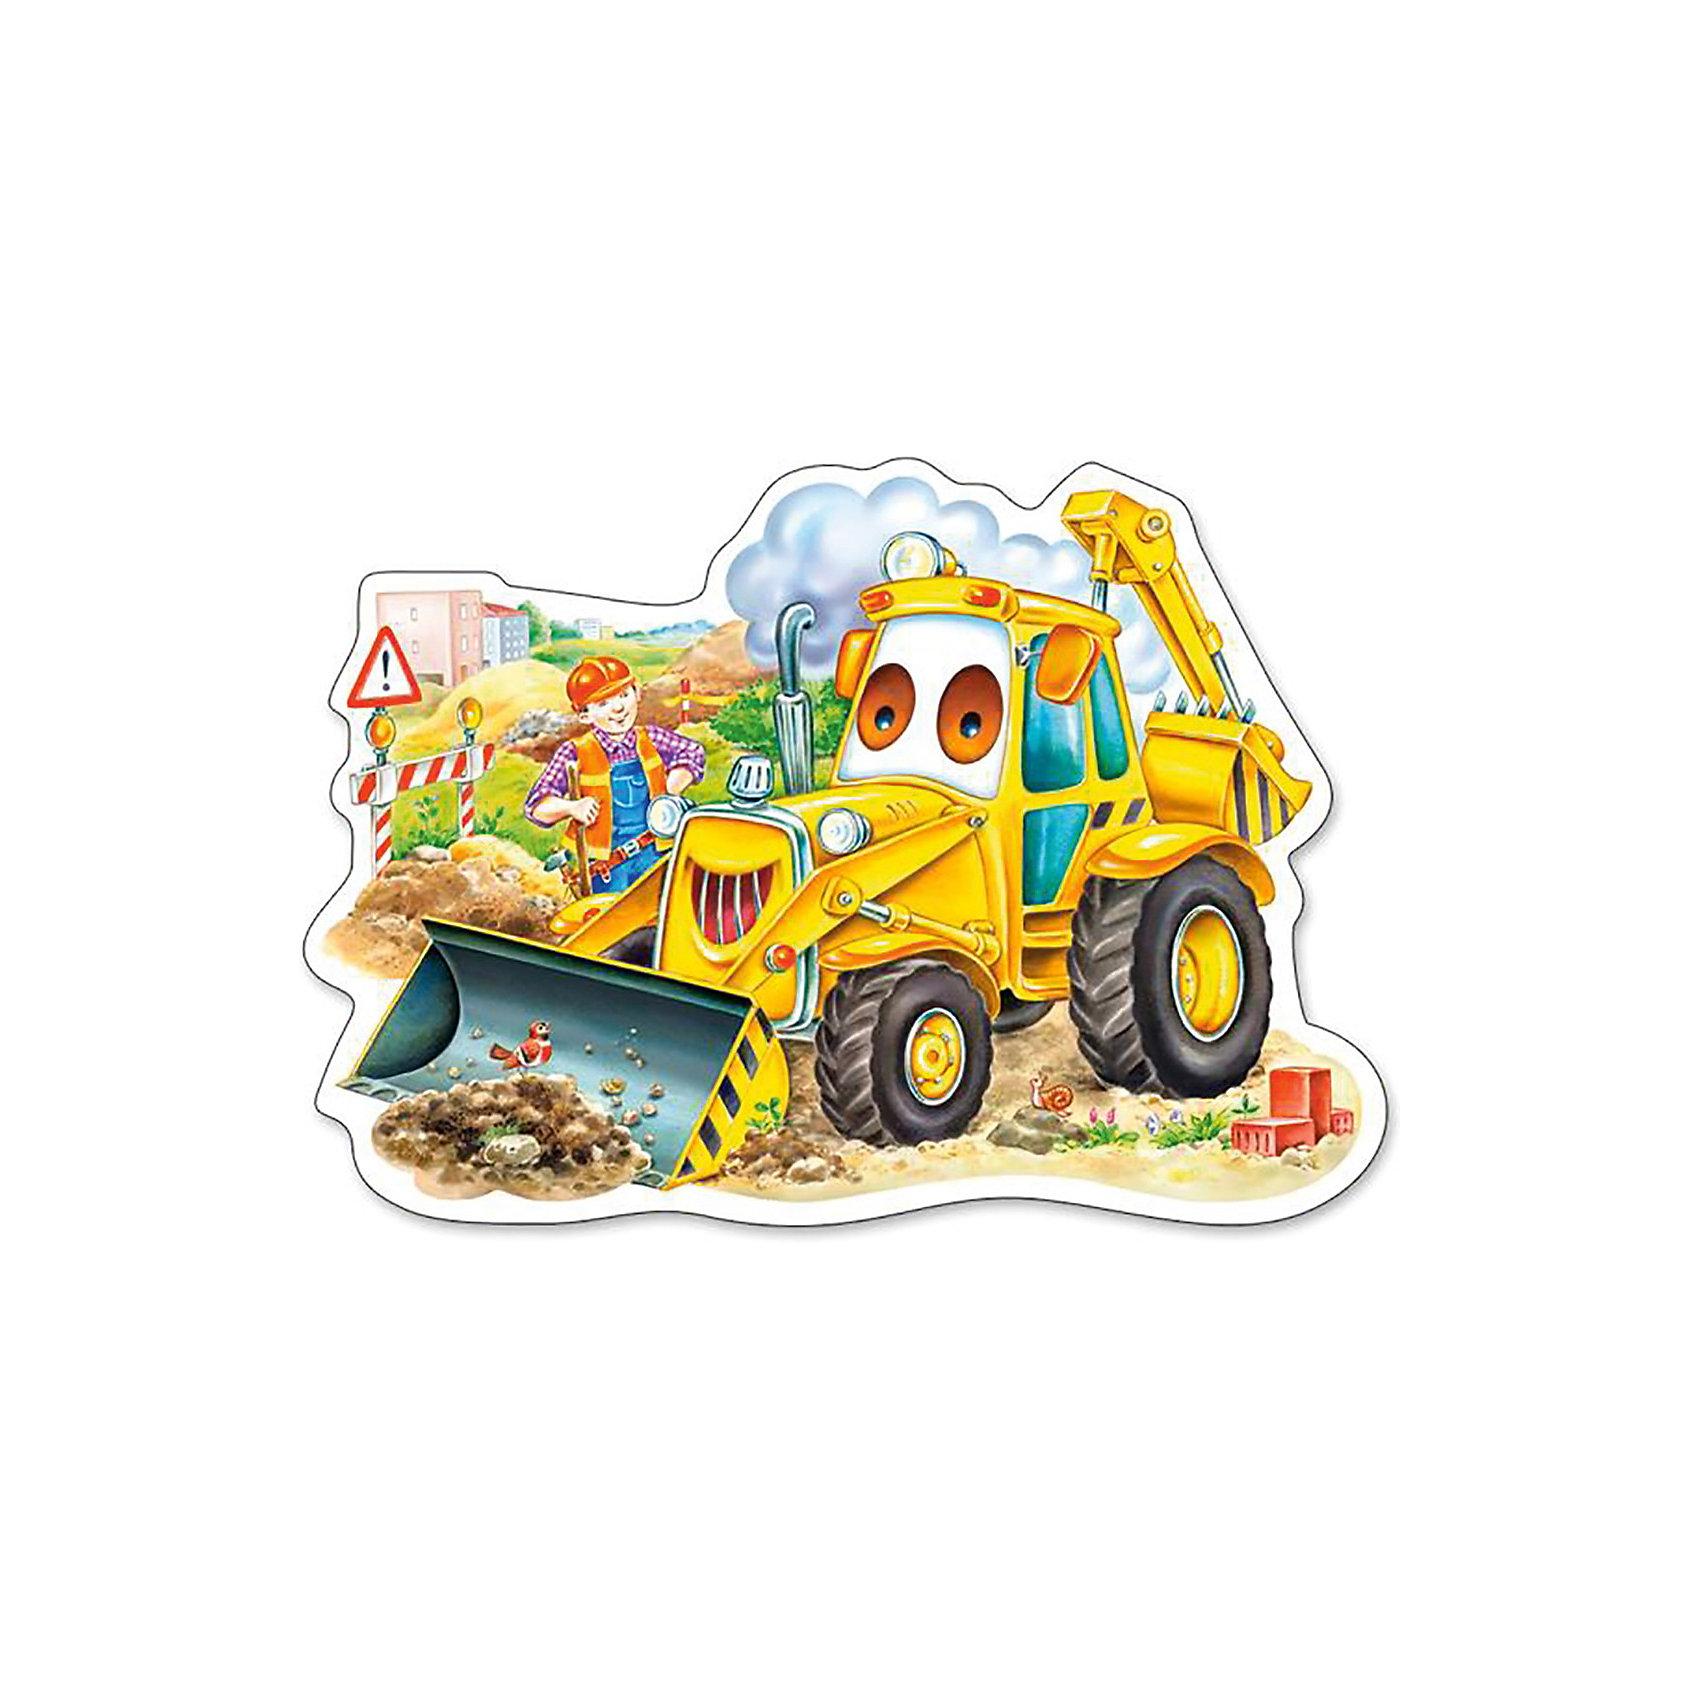 Пазл Трактор, 15 деталей, CastorlandПазлы для малышей<br>Пазл Трактор от Castorland (Касторленд) прекрасно подходит для маленьких исследователей! Подбирая элементы друг к другу, сначала с помощью взрослых, а потом и самостоятельно малыш будет снова и снова тренировать моторику и наблюдательность. Вашего малыша обязательно увлечет это занятие, ведь в конце он обязательно познакомится с симпатичным и очень сильным трактором, который копает землю и помогает строить дорогу.  Собирание пазлов отлично развивает логическое мышление, внимание, память, воображение, мелкую моторику руки и учит правильно воспринимать связь между частью и целым.<br><br>Дополнительная информация:<br><br>- Прекрасный подарок для малыша;<br>- Подходит для начинающих;<br>- Прекрасно развивает моторику и усидчивость;<br>- Отличное качество деталей;<br>- Прослужит долго;<br>- Яркие цвета;<br>- Размер собранной картинки: 22,9 х 16,2 см;<br>- Размер коробки: 13 x 17,5 x 3,7 см;<br>- Вес: 100 г<br><br>Пазл Трактор, 15 деталей, Castorland (Касторленд) можно купить в нашем интернет-магазине.<br><br>Ширина мм: 175<br>Глубина мм: 37<br>Высота мм: 130<br>Вес г: 100<br>Возраст от месяцев: 36<br>Возраст до месяцев: 60<br>Пол: Унисекс<br>Возраст: Детский<br>Количество деталей: 15<br>SKU: 3849116